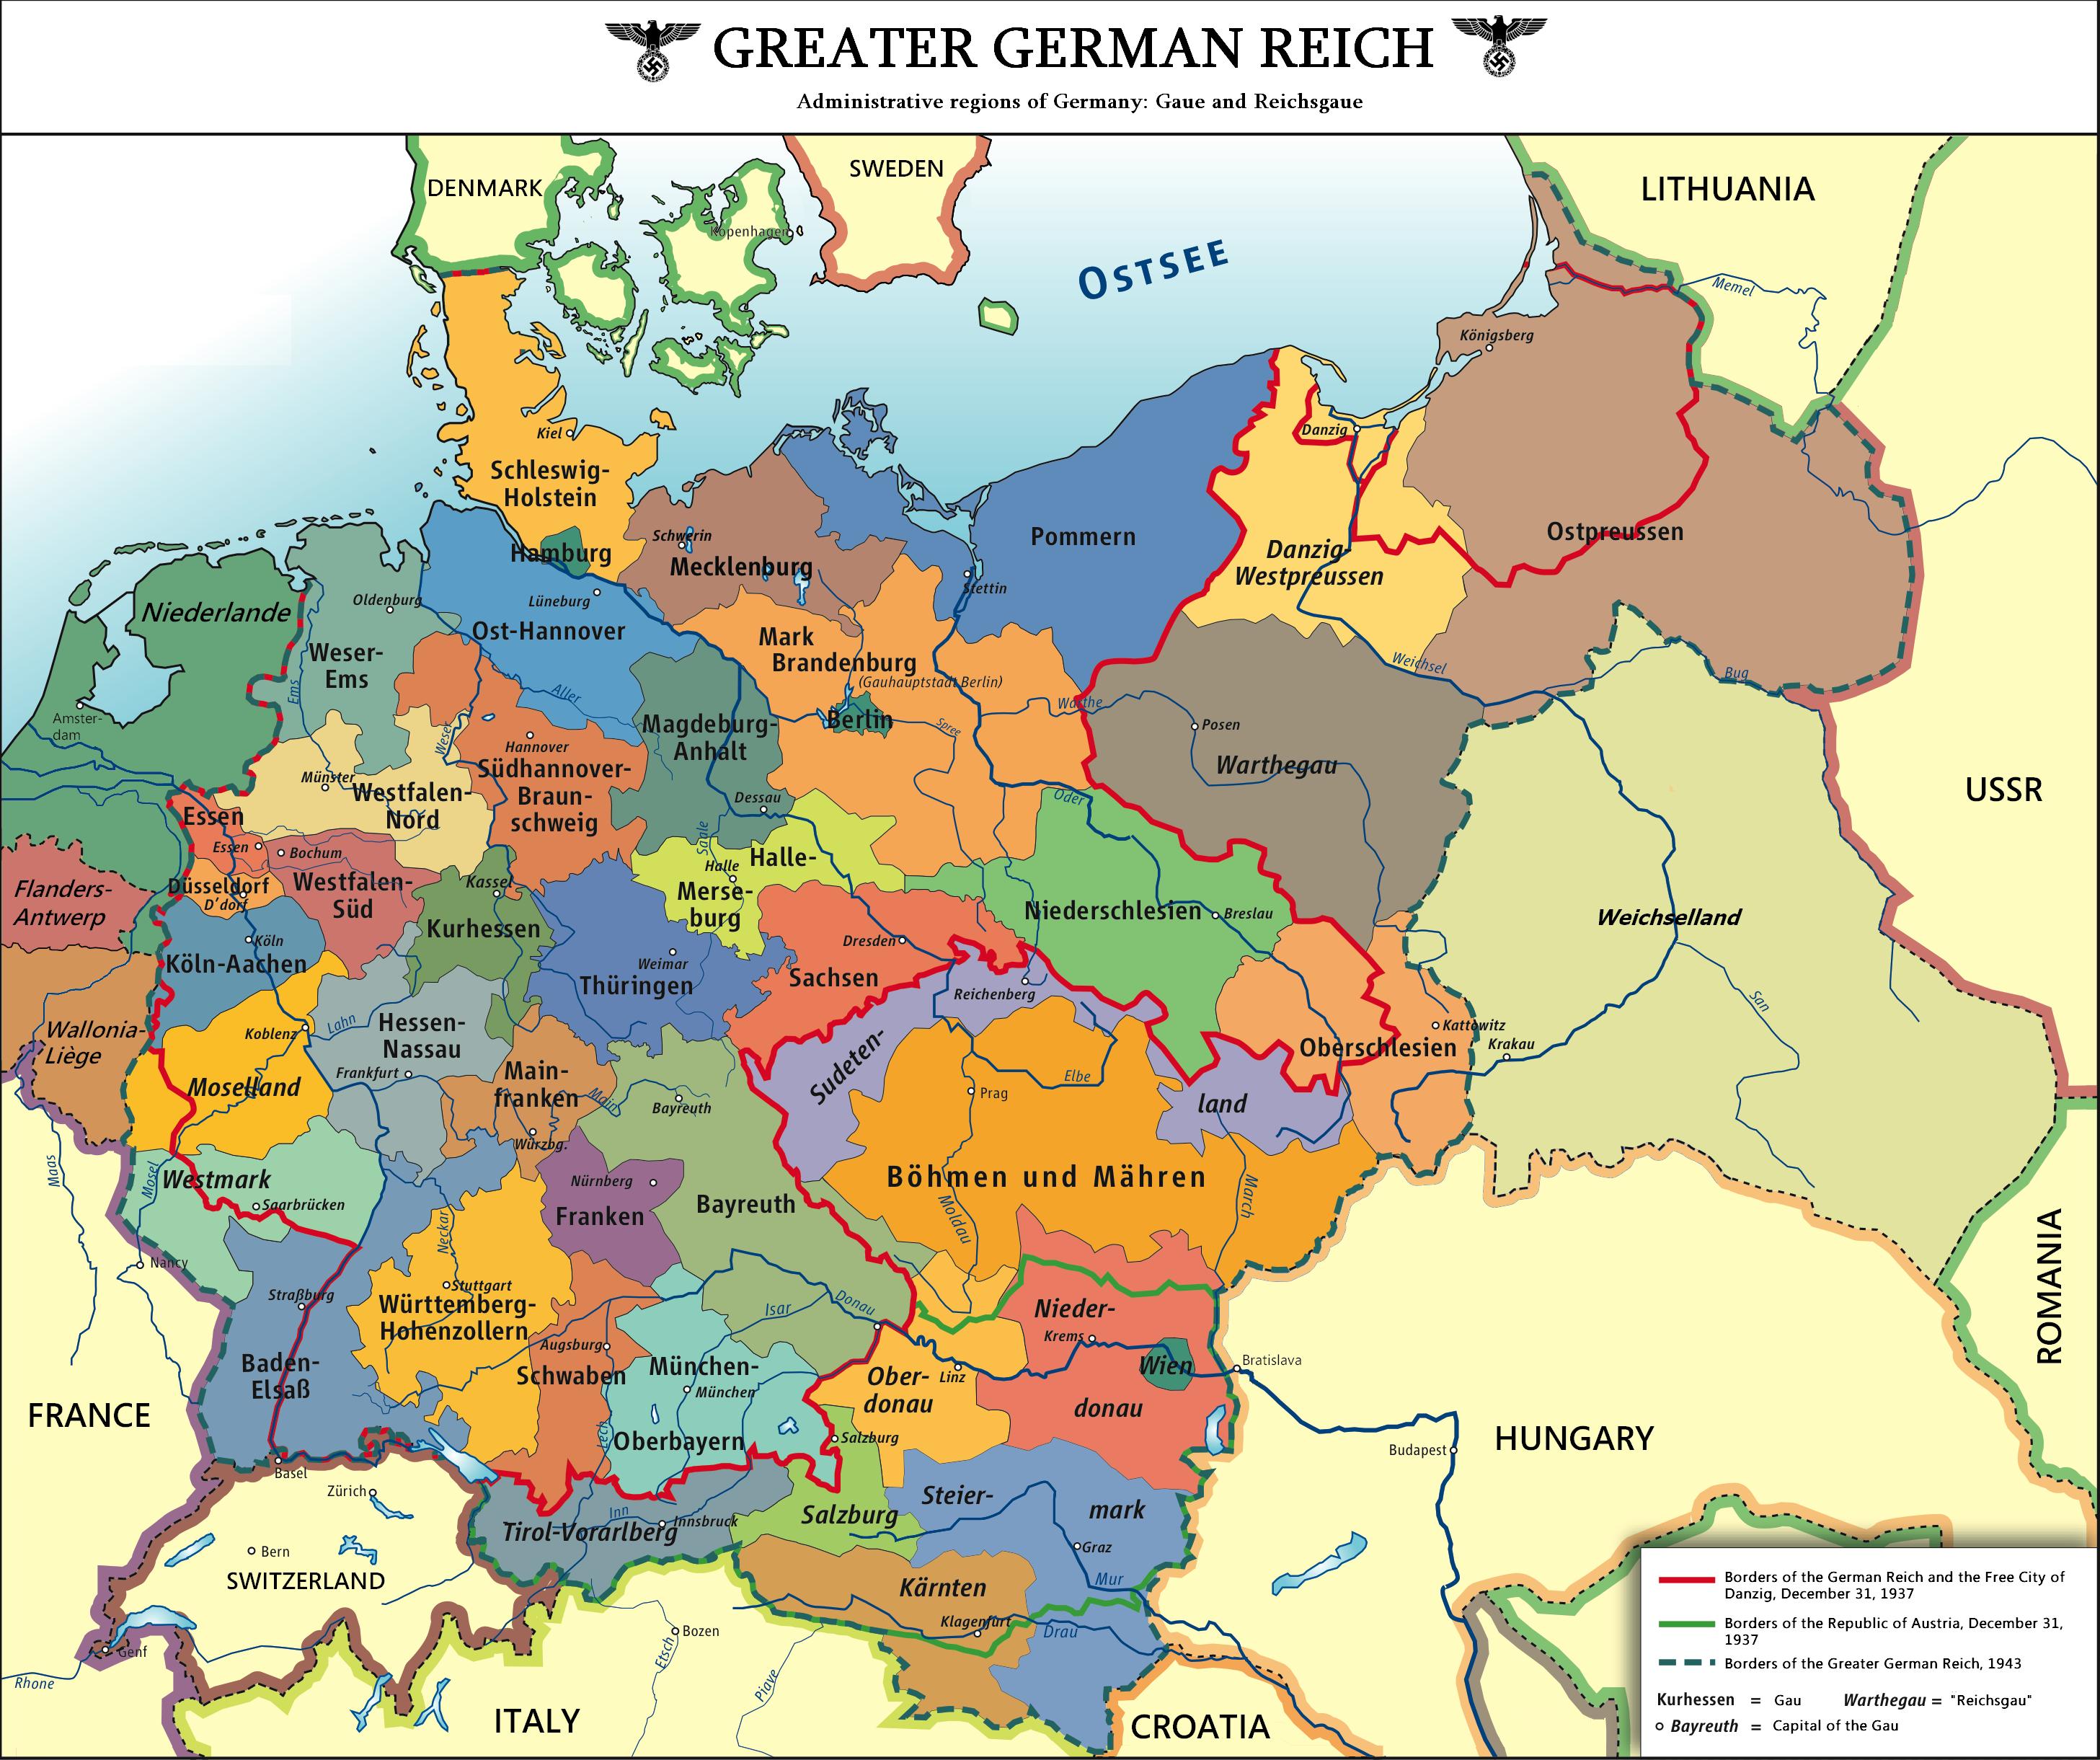 Greater German Reich Deutschland Siegt Alternative History